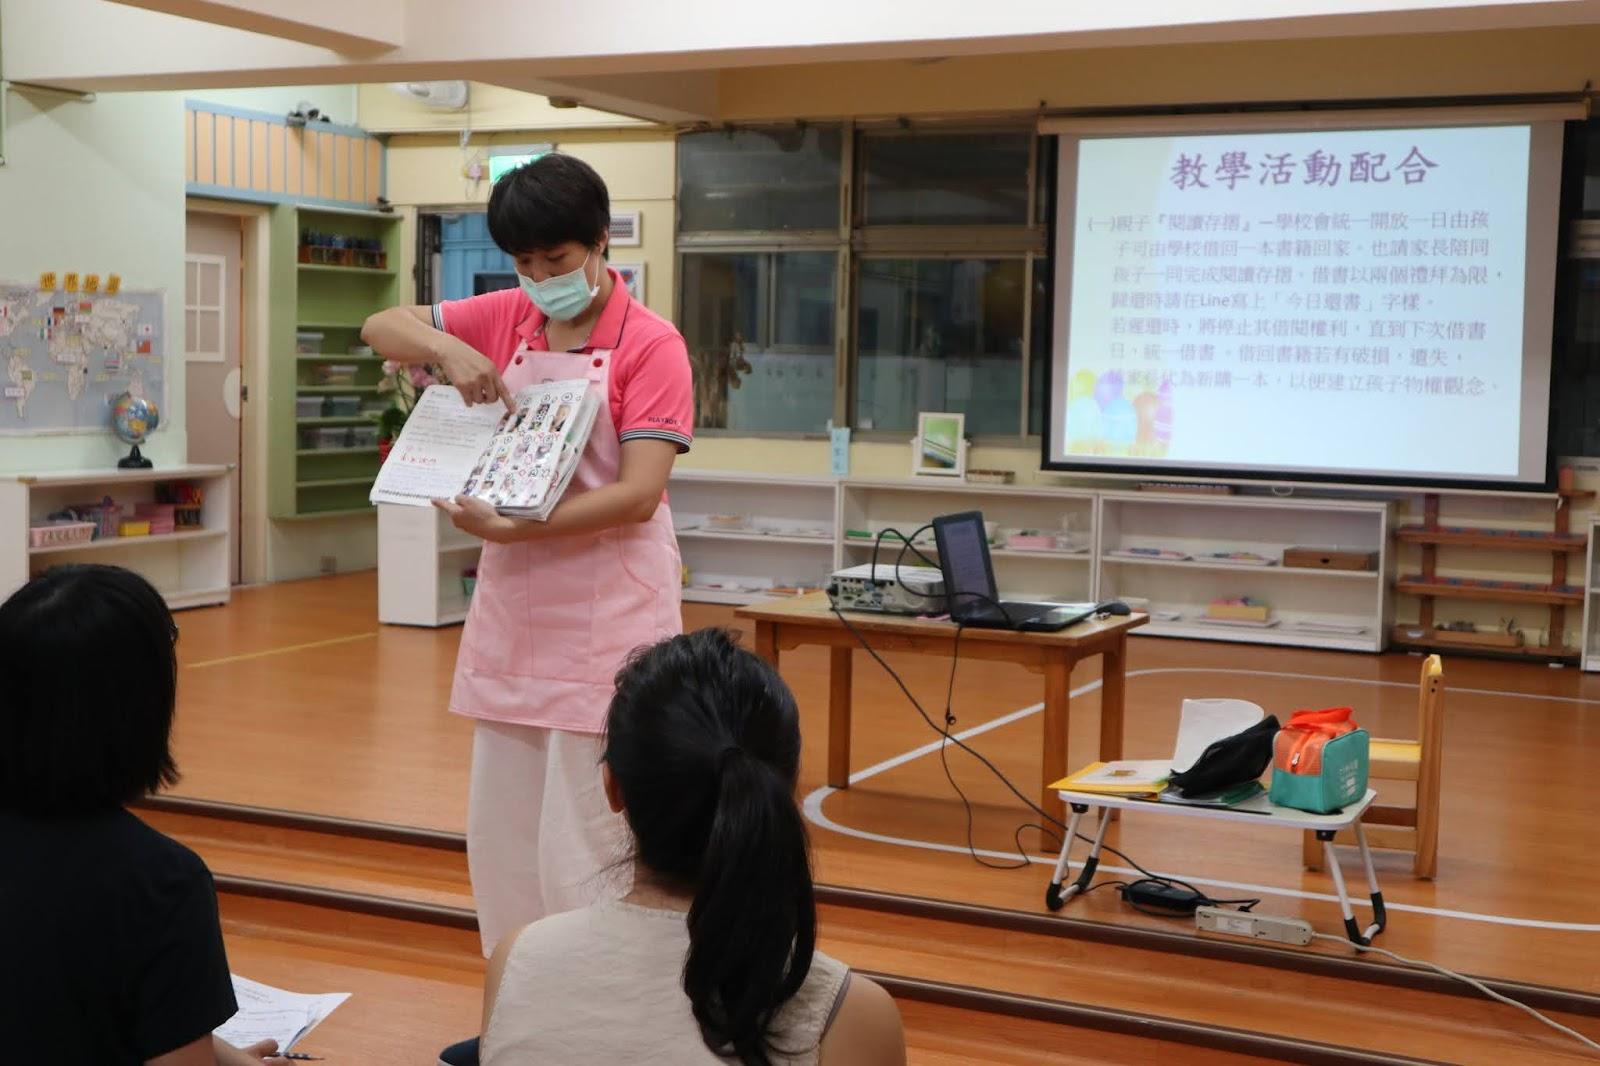 臺北市私立大大樹幼兒園: 109學年度新生園務說明會議記錄